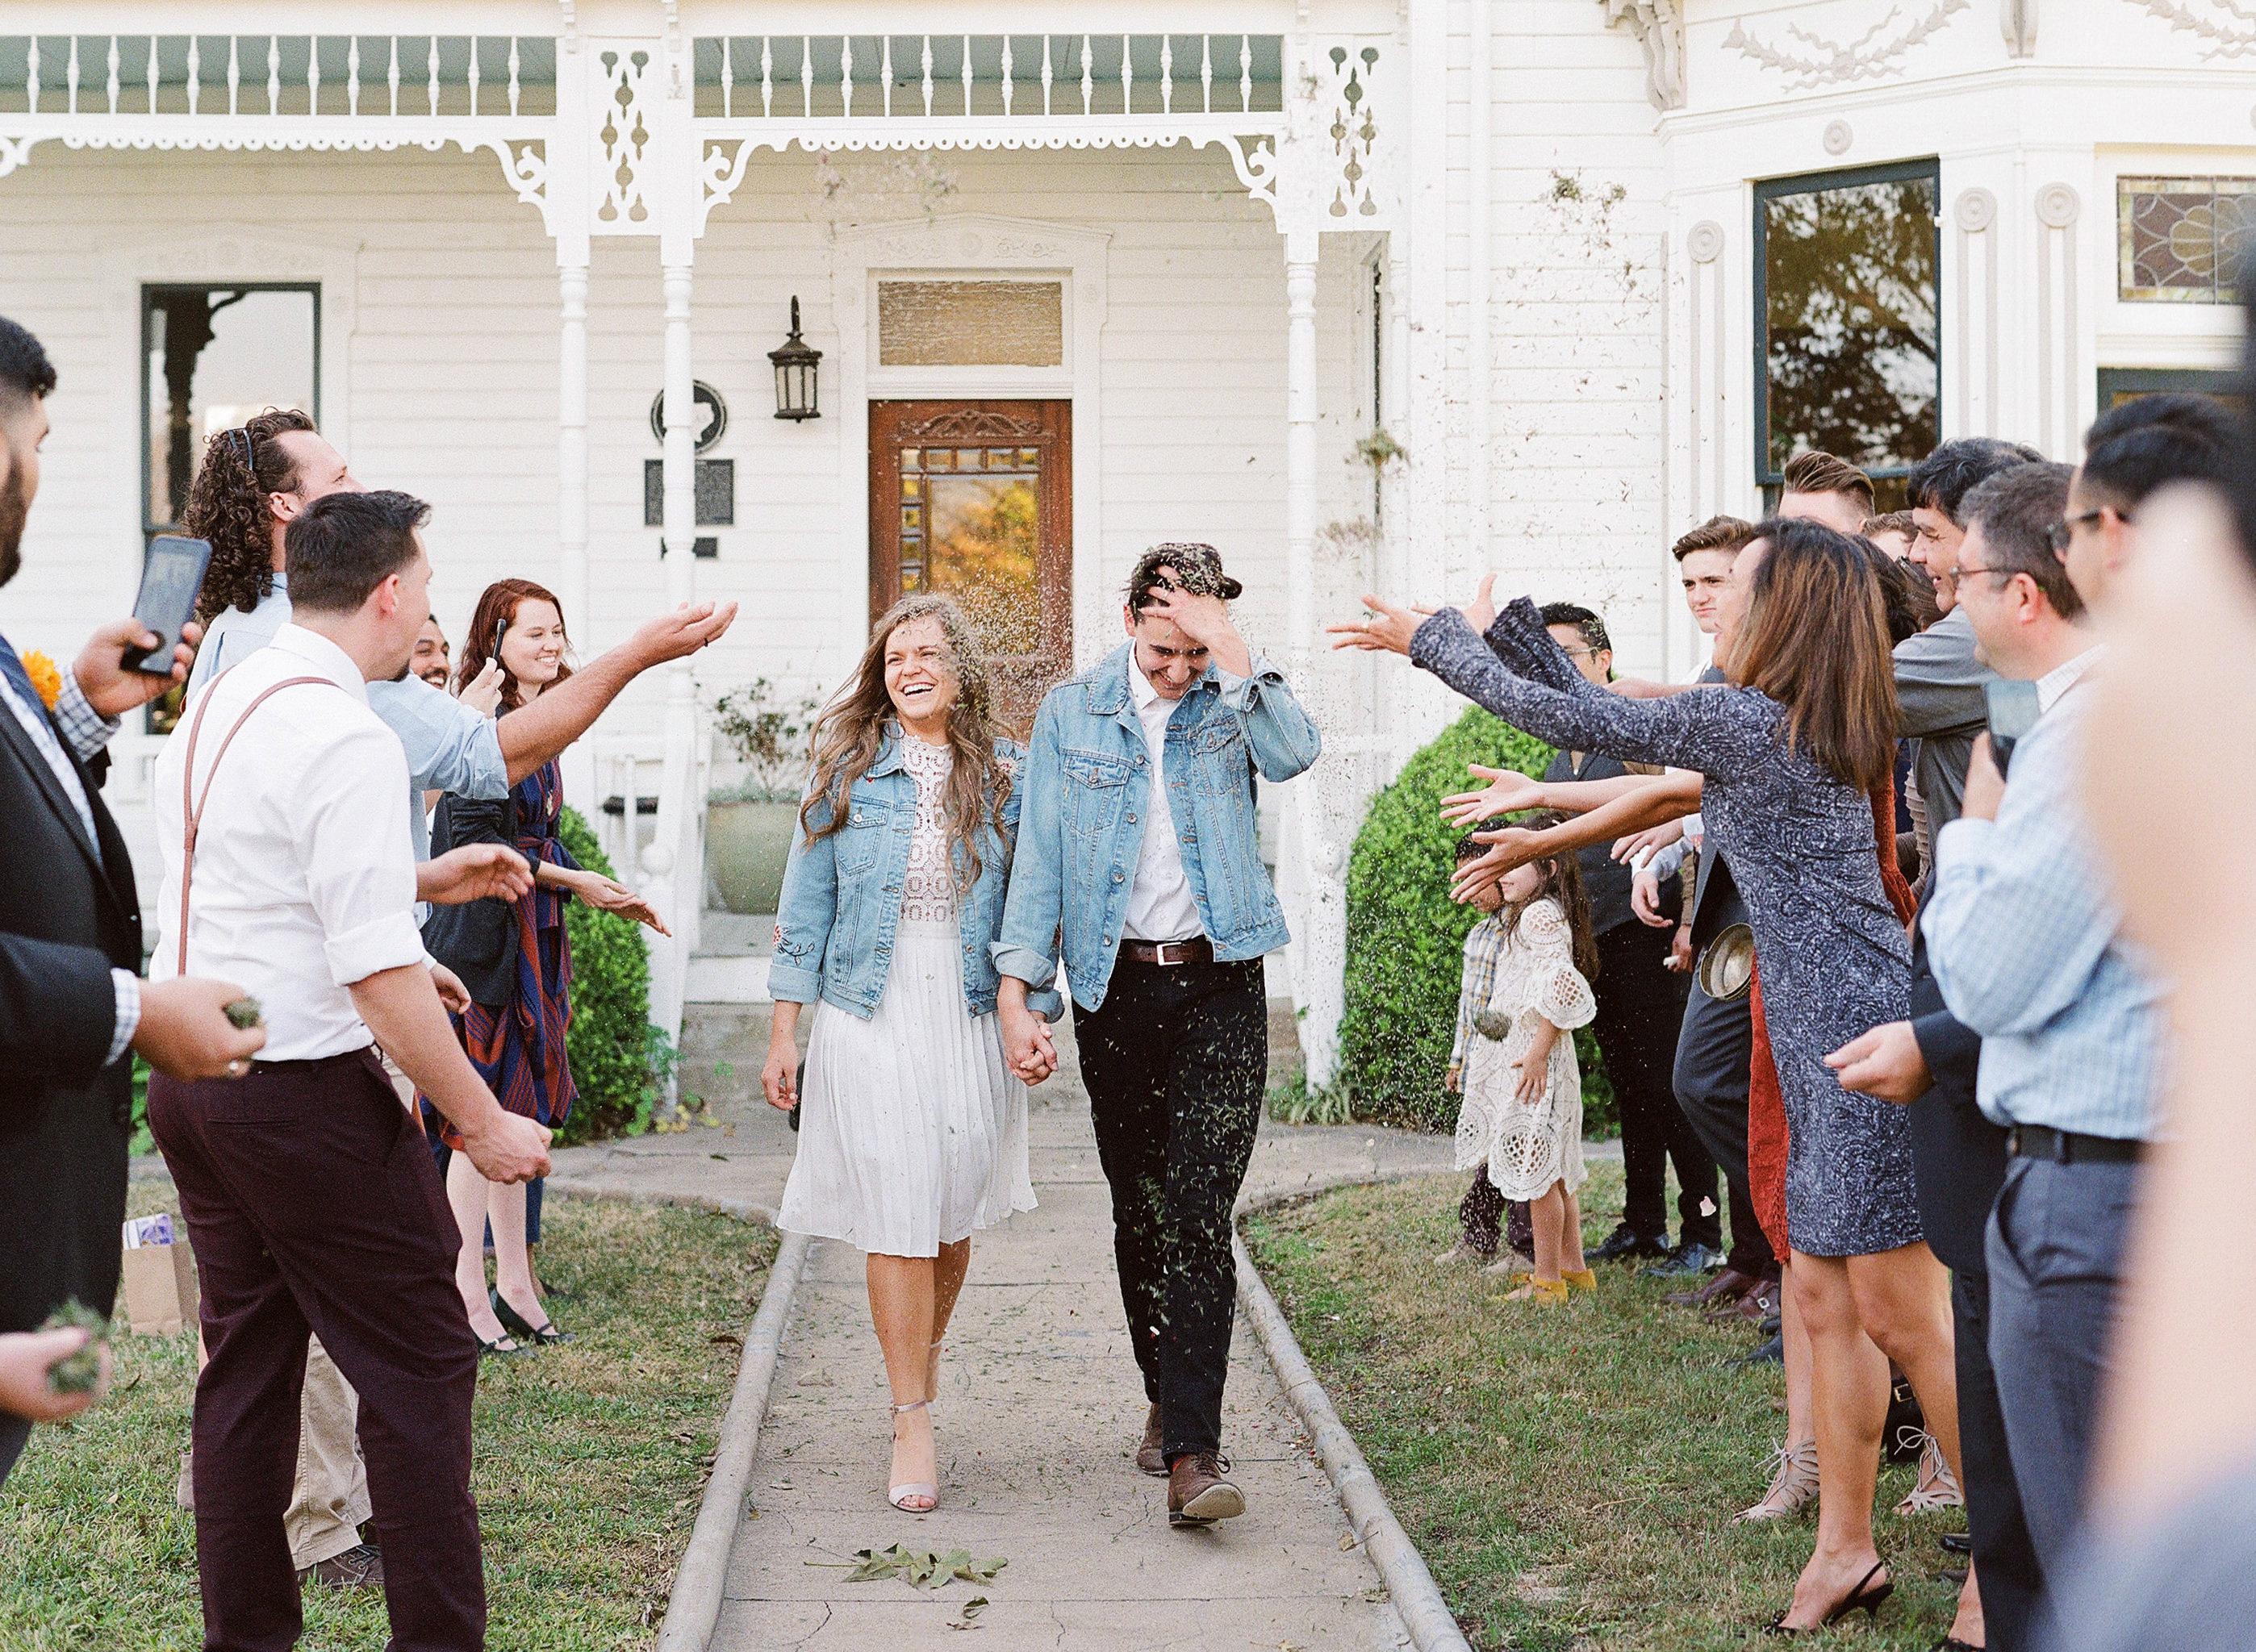 hayleigh corey wedding couple exit